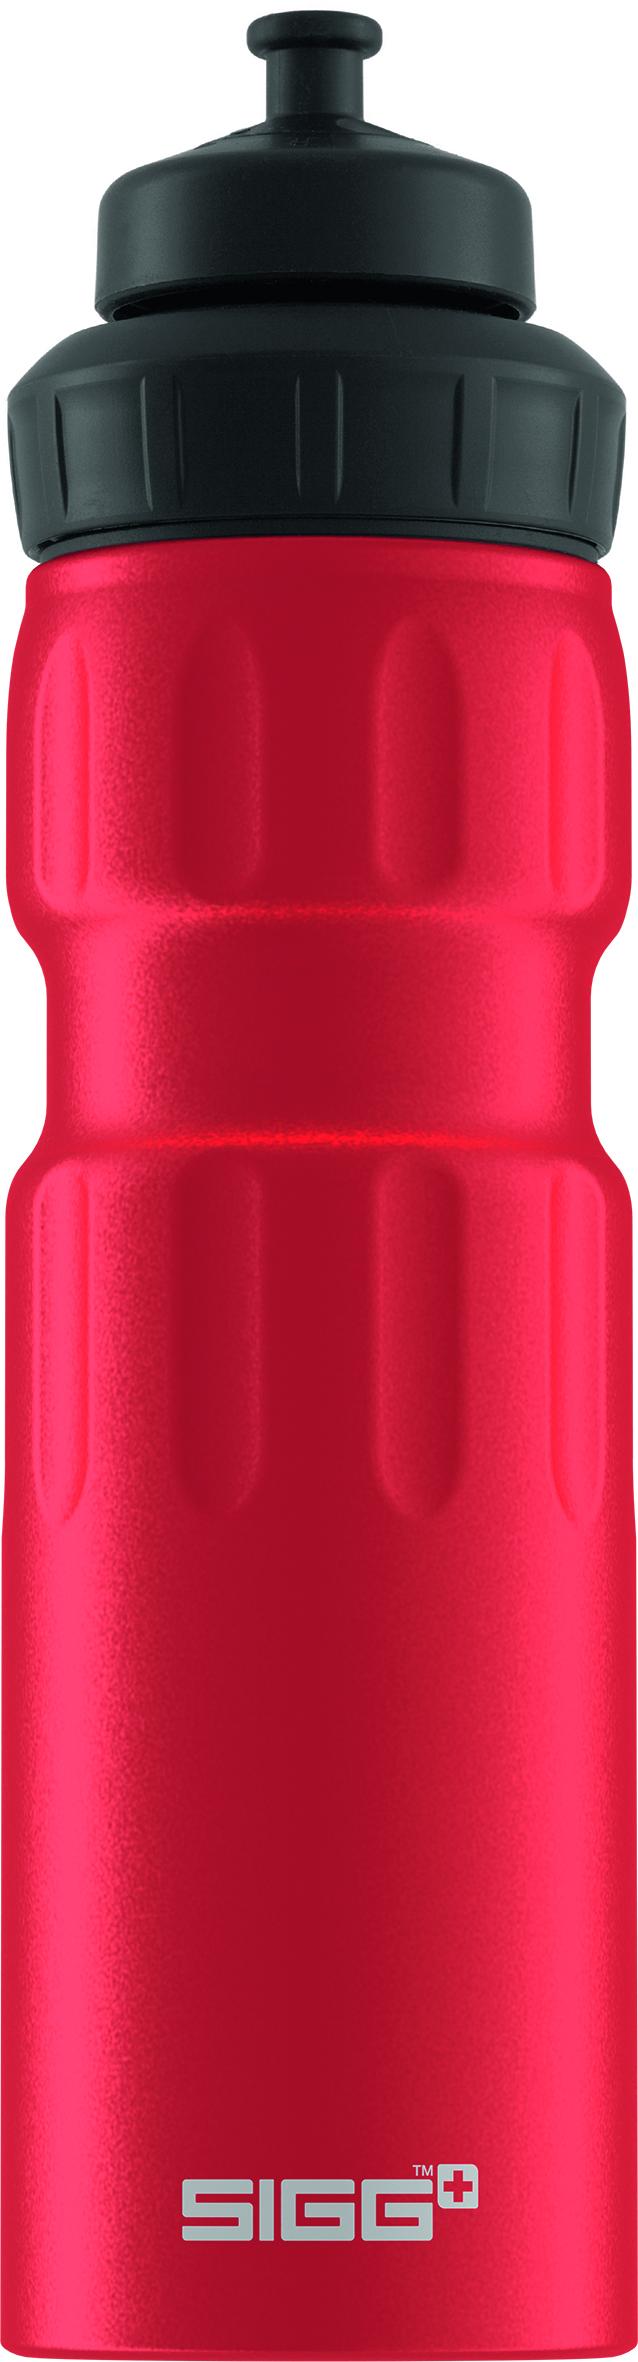 Sigg WMB Sports 750 ml